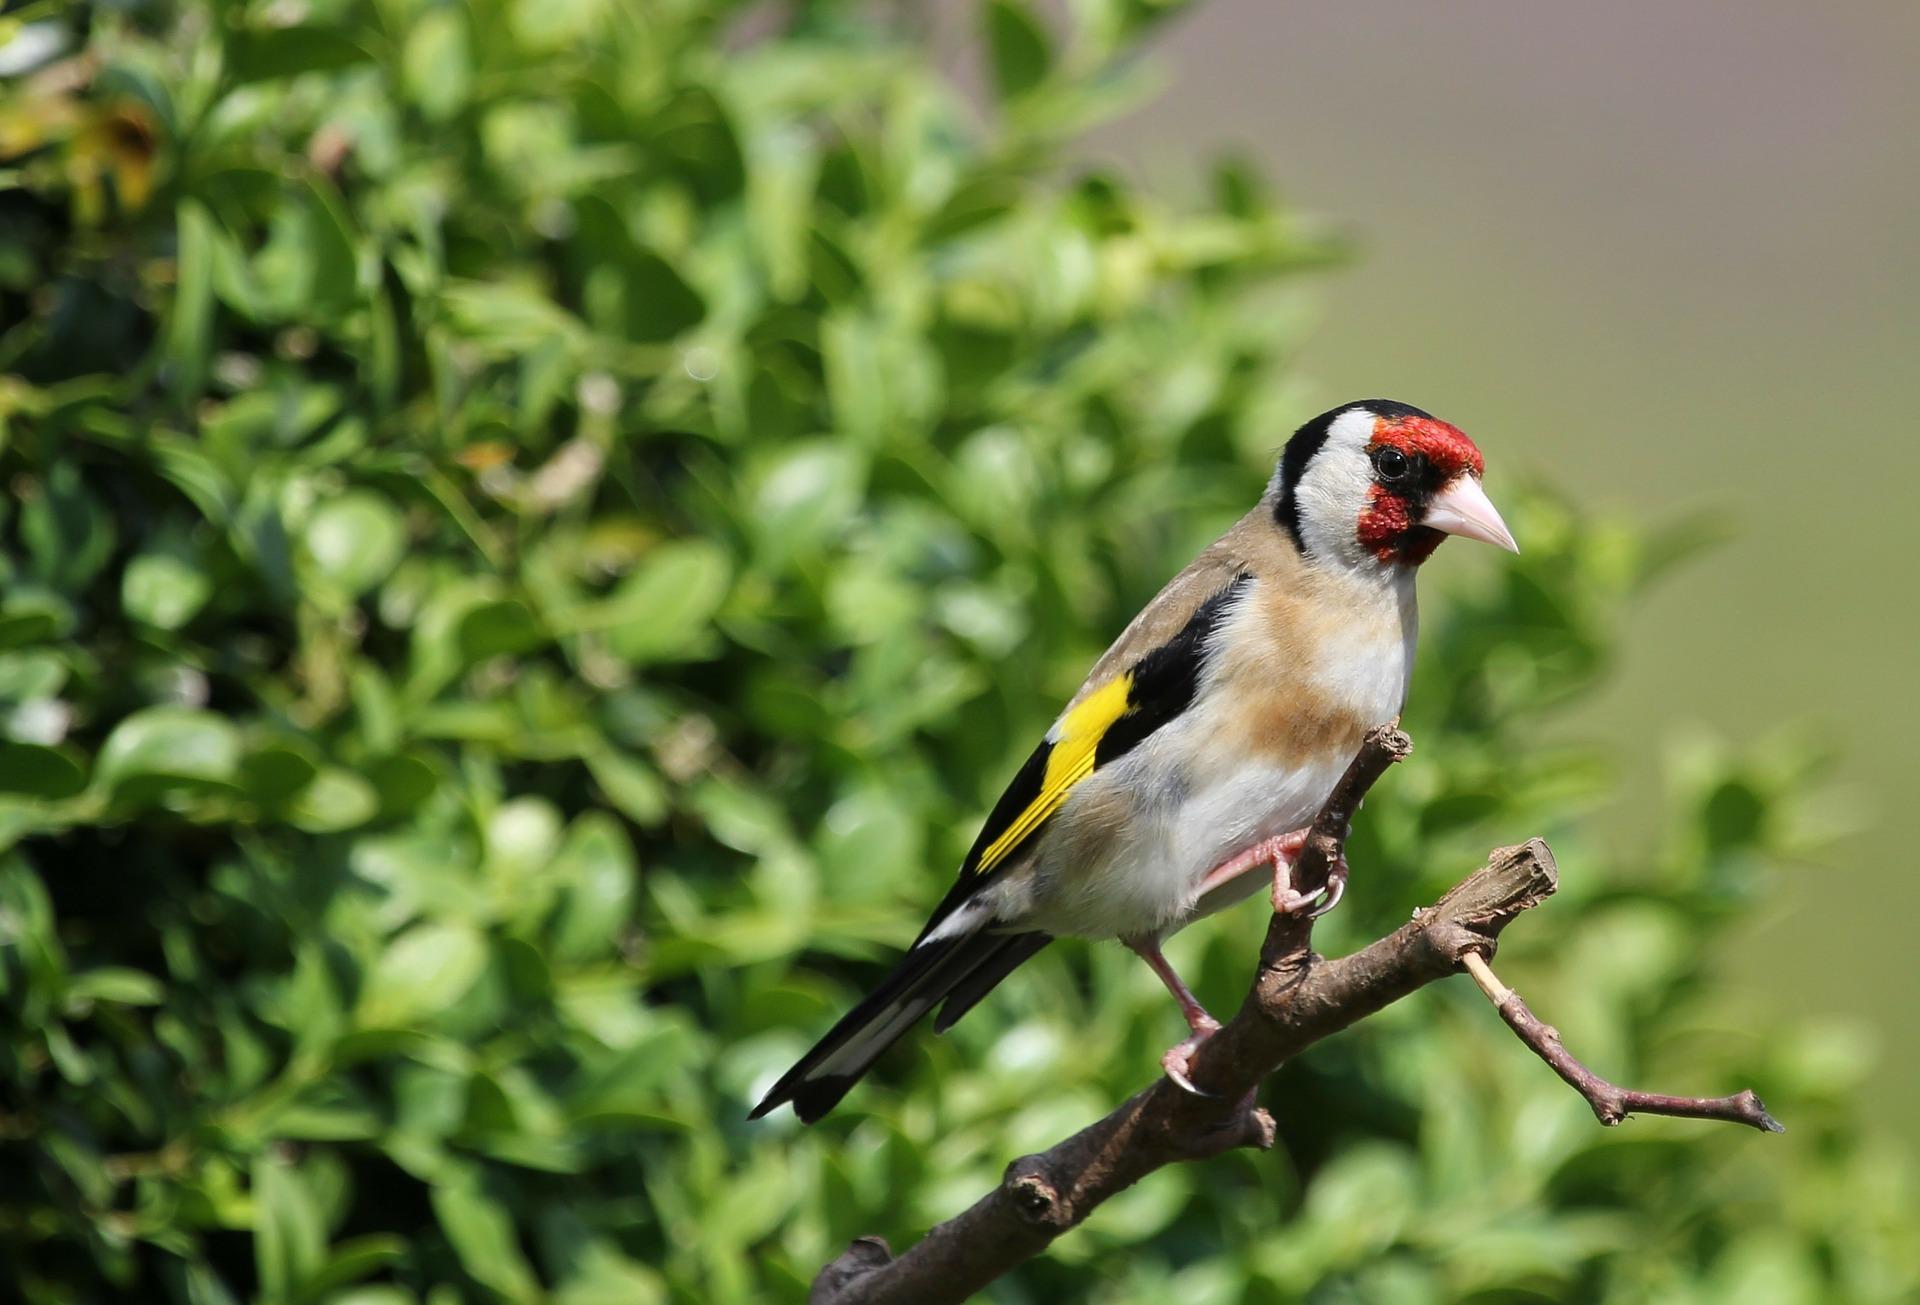 bird-162843_1920